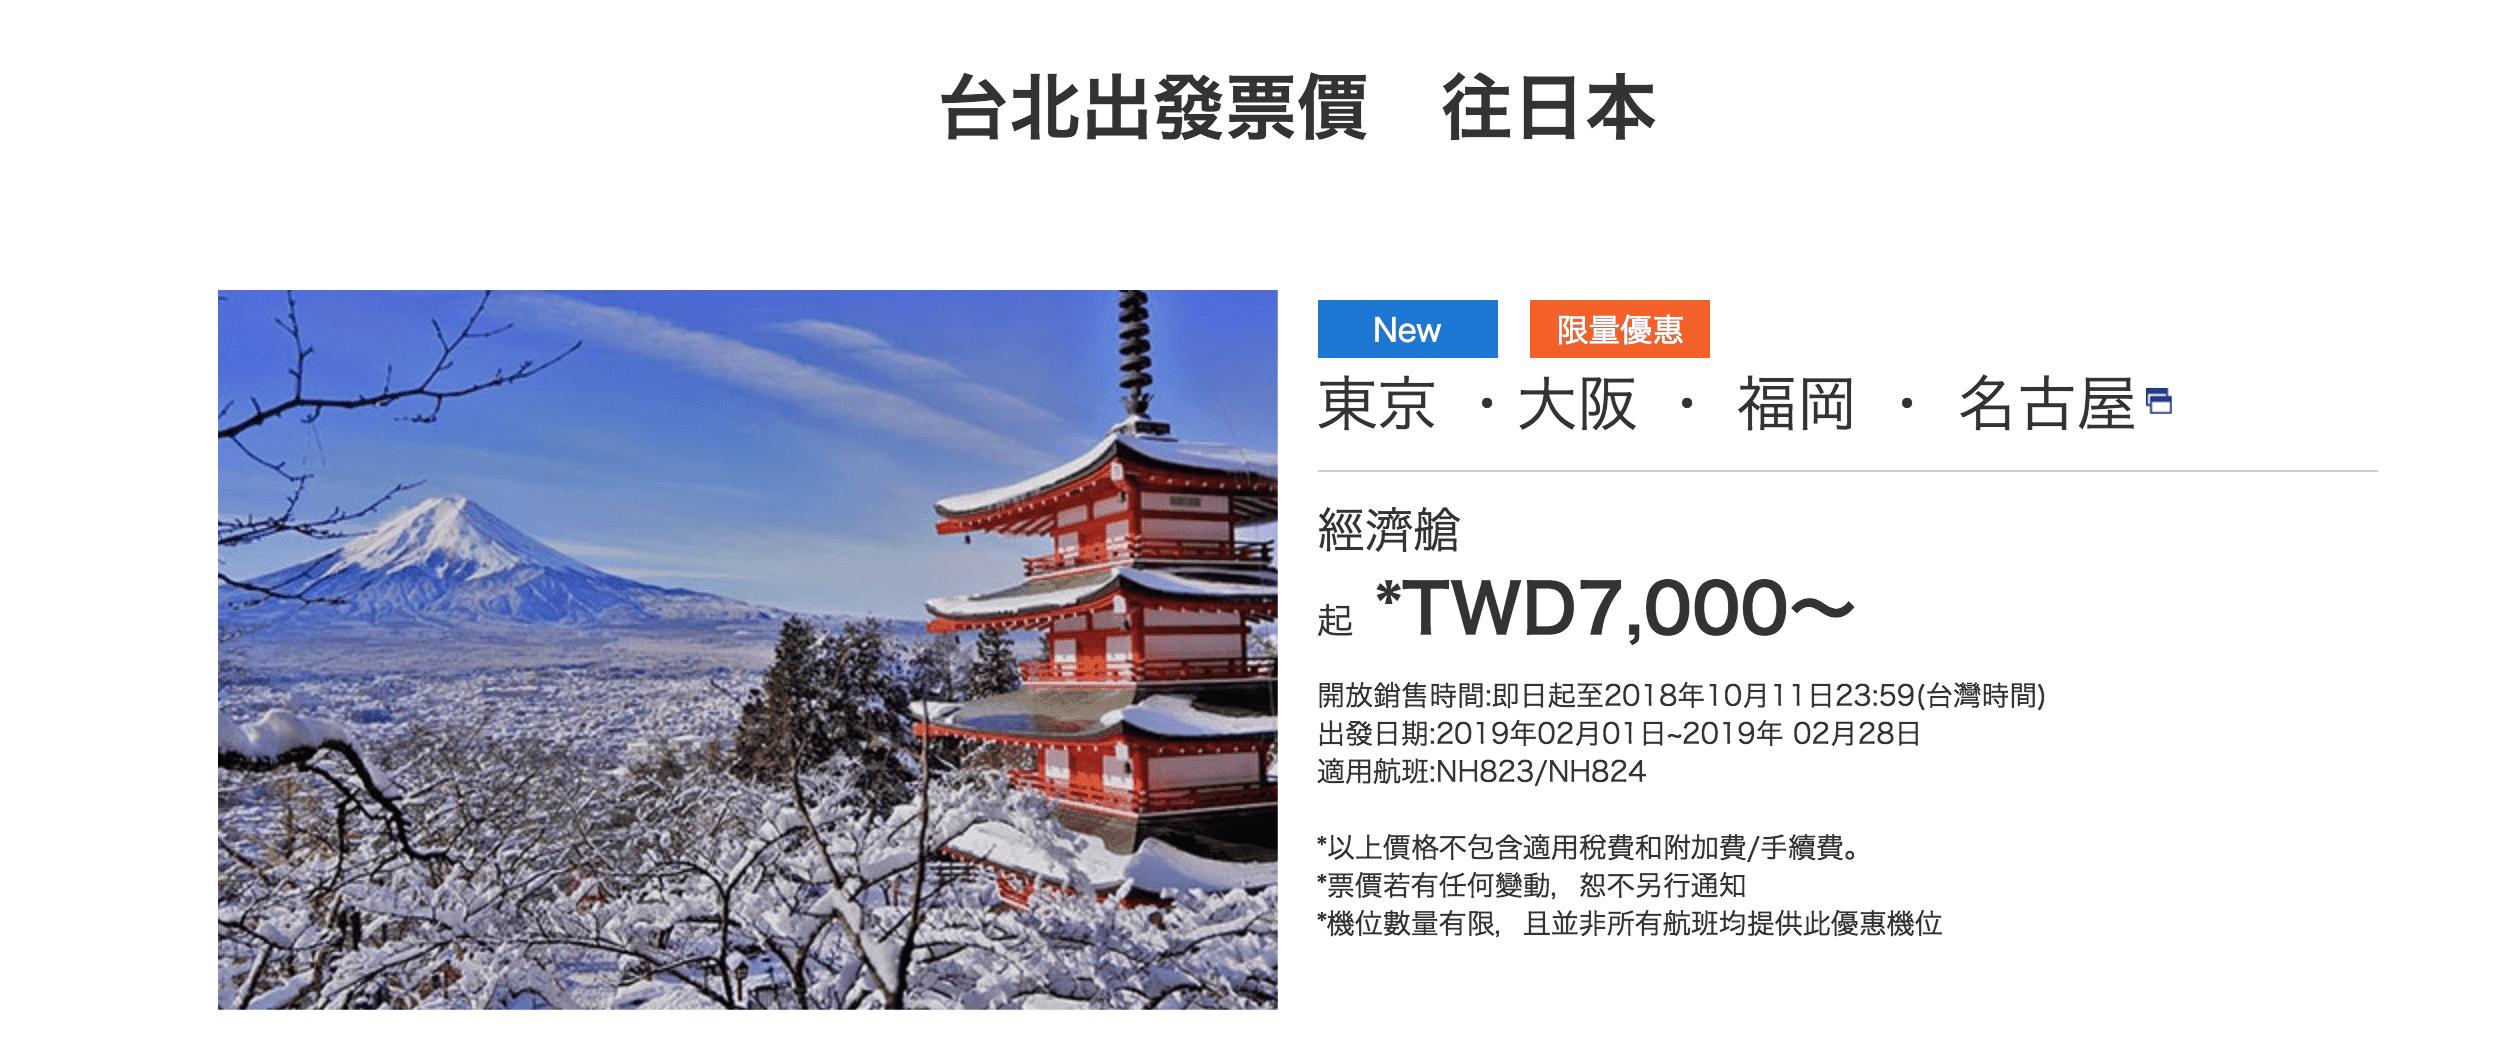 即時熱門文章:ANA二月特價,台北東京來回,9K起~(107.10.11)